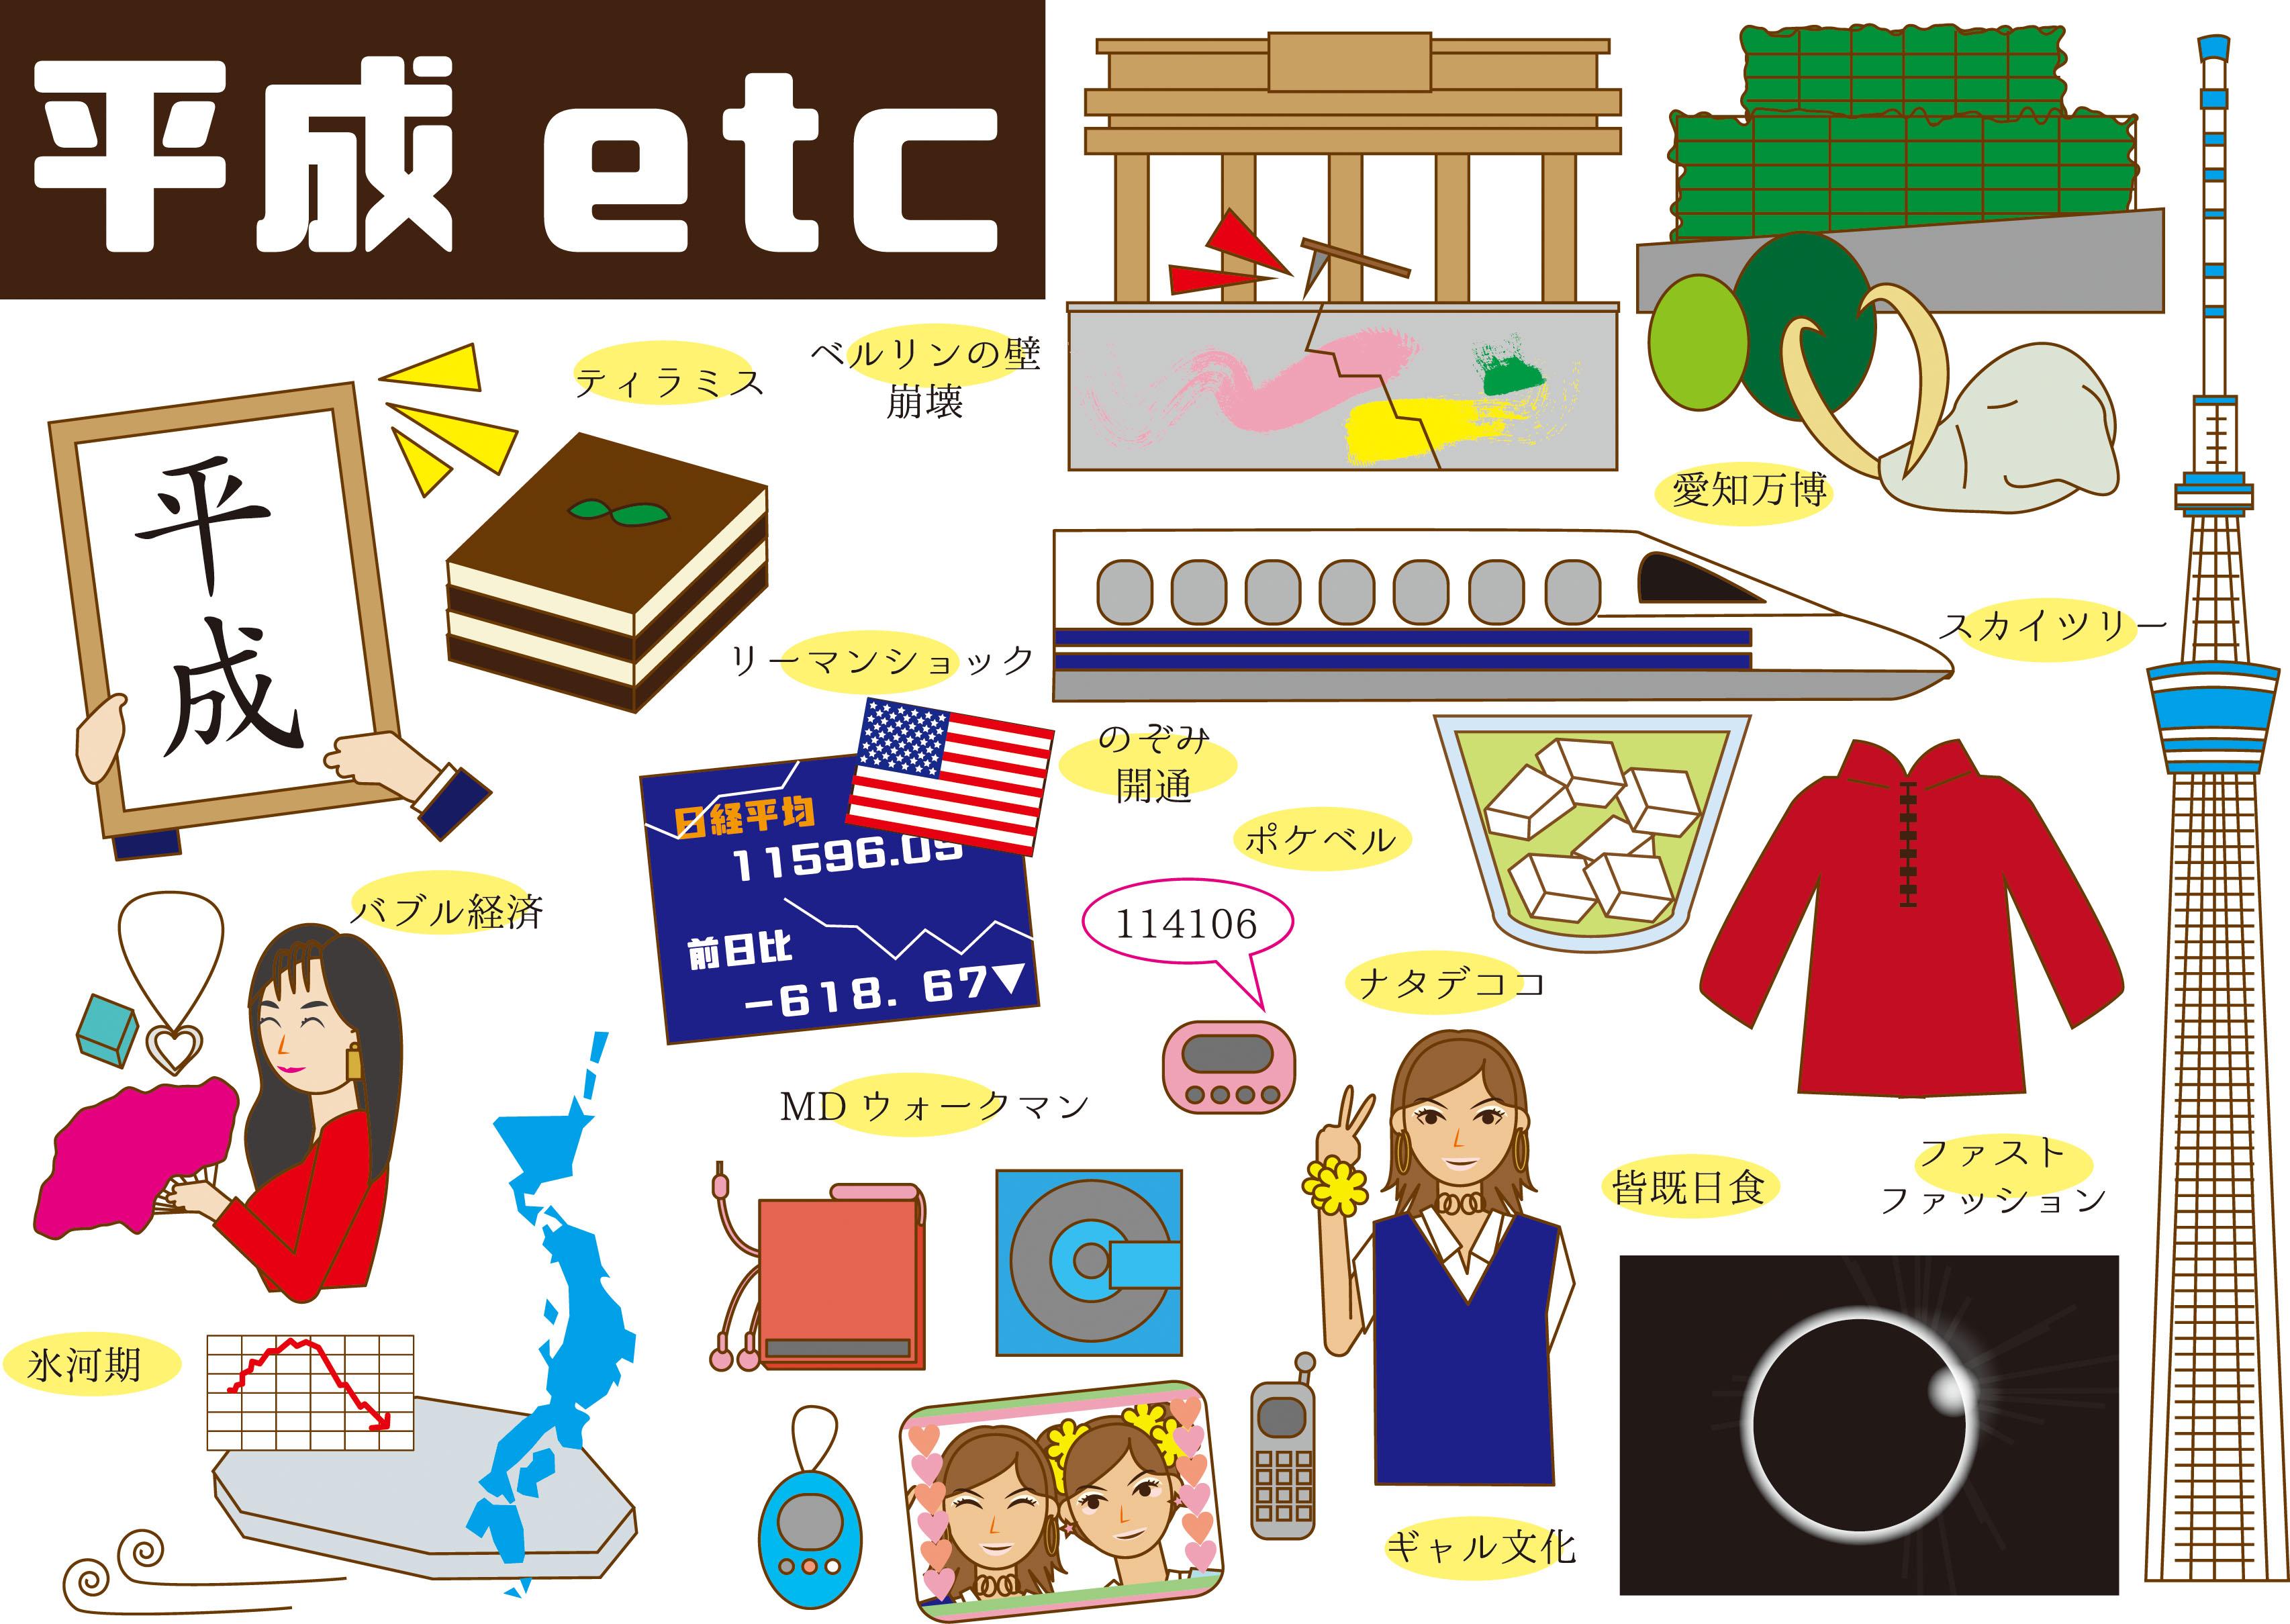 【平成にまつわる雑学クイズ20問】面白い!!おすすめ三択問題を紹介!